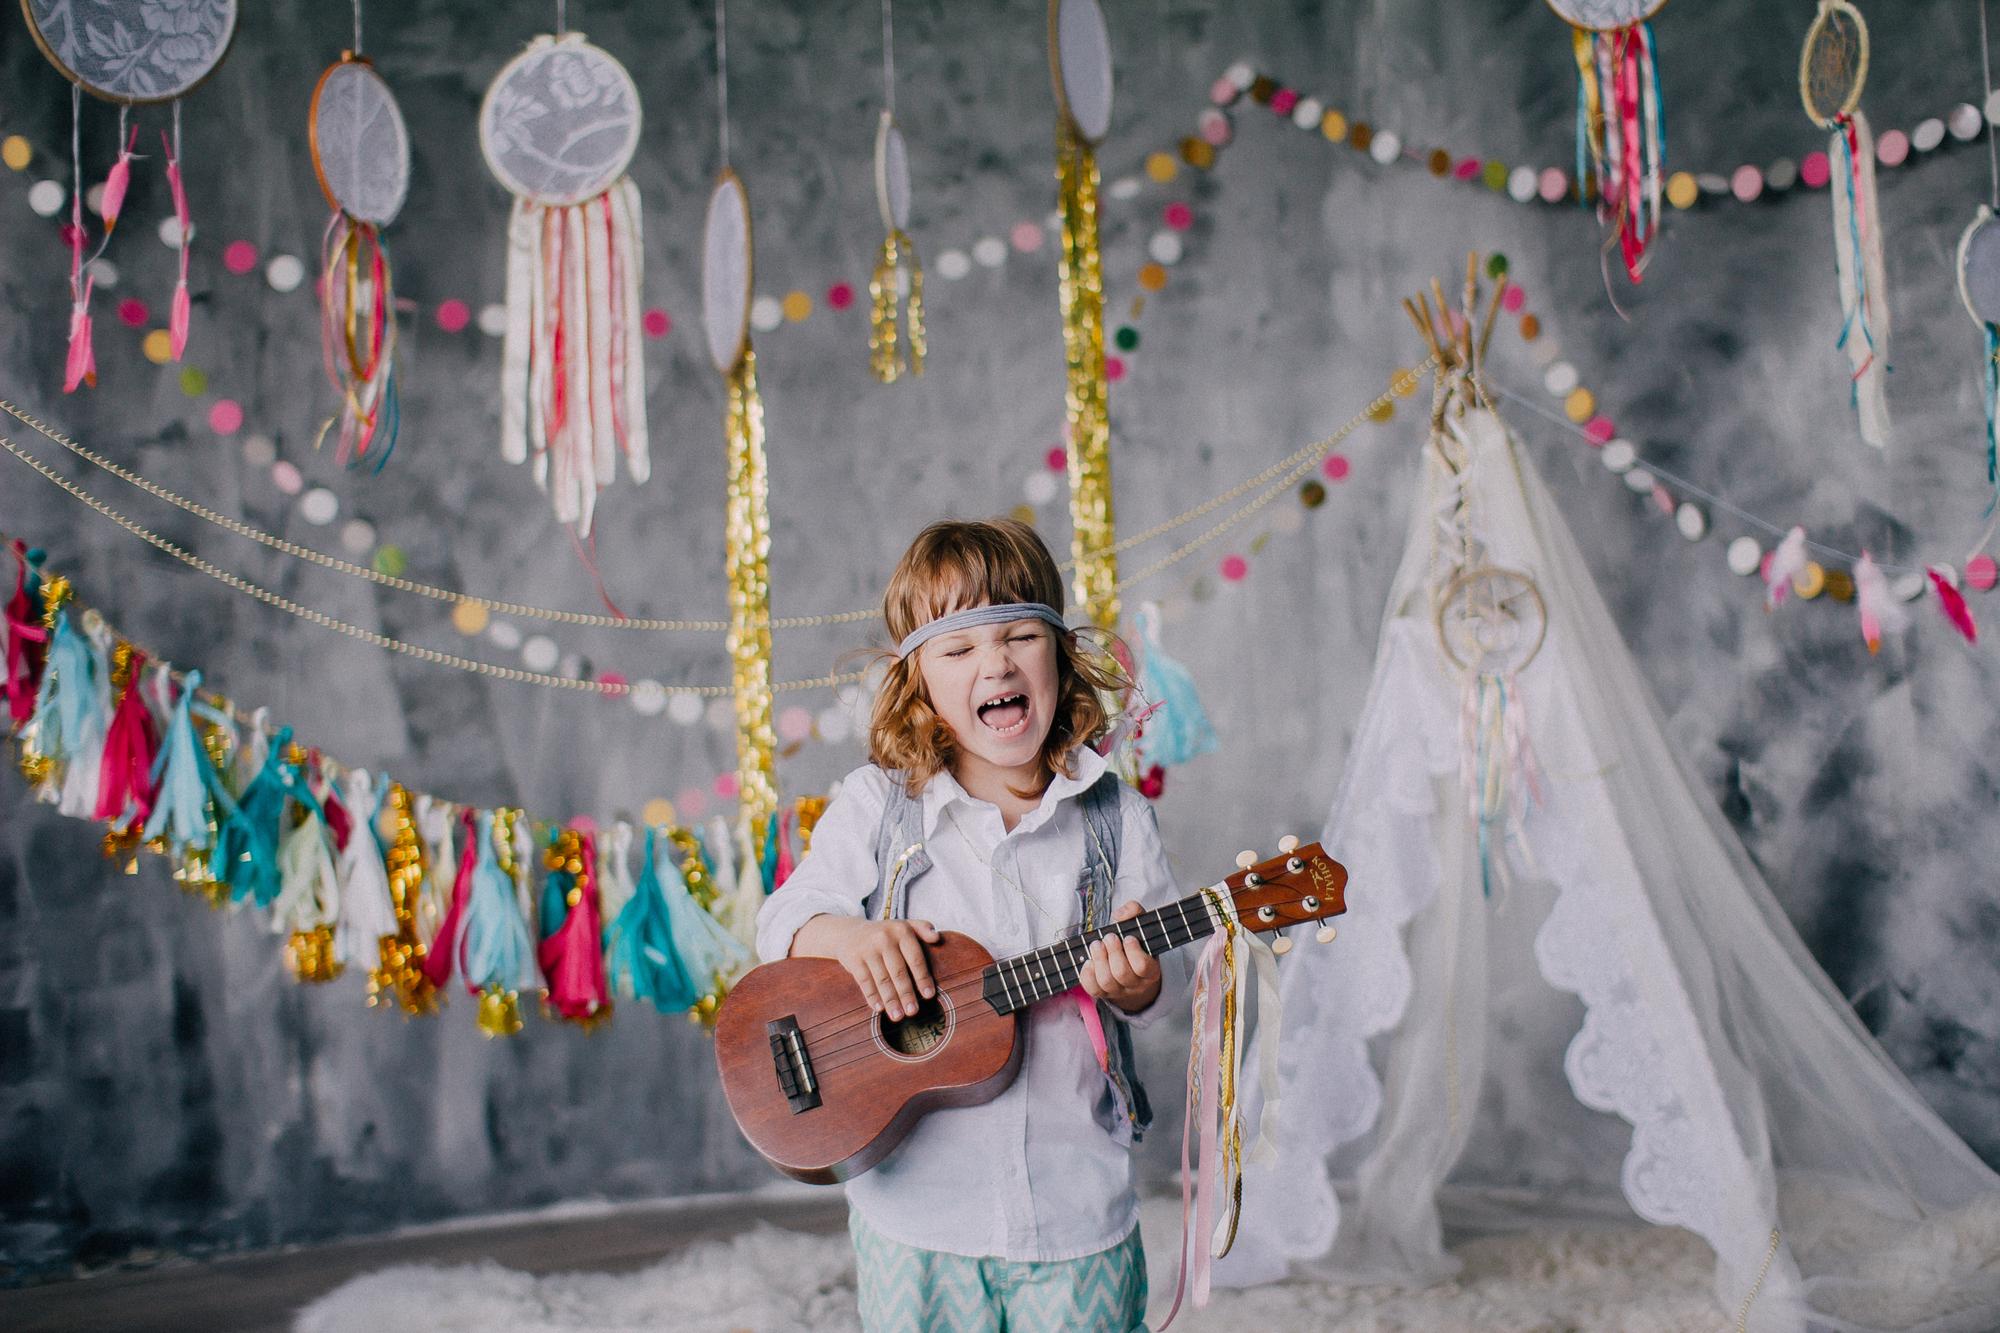 Mädchen spielt Ukulele